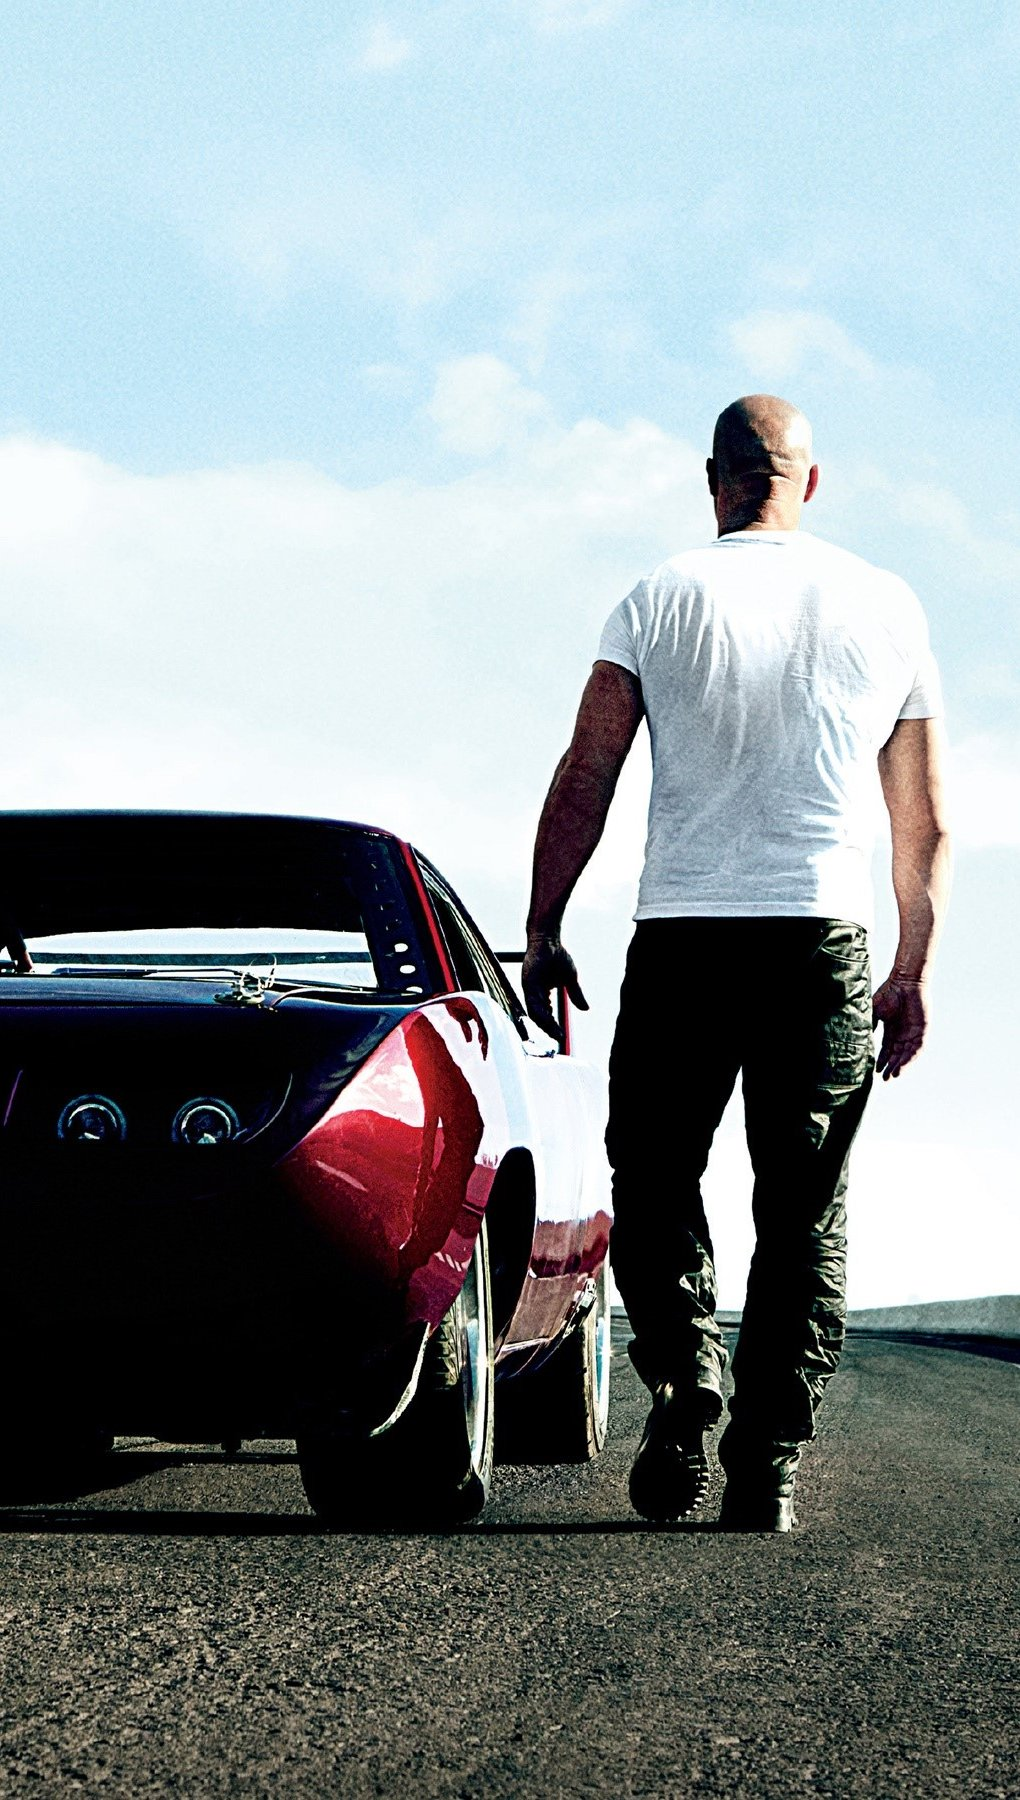 Fondos de pantalla Vin Diesel en Rapidos y Furiosos 6 Vertical